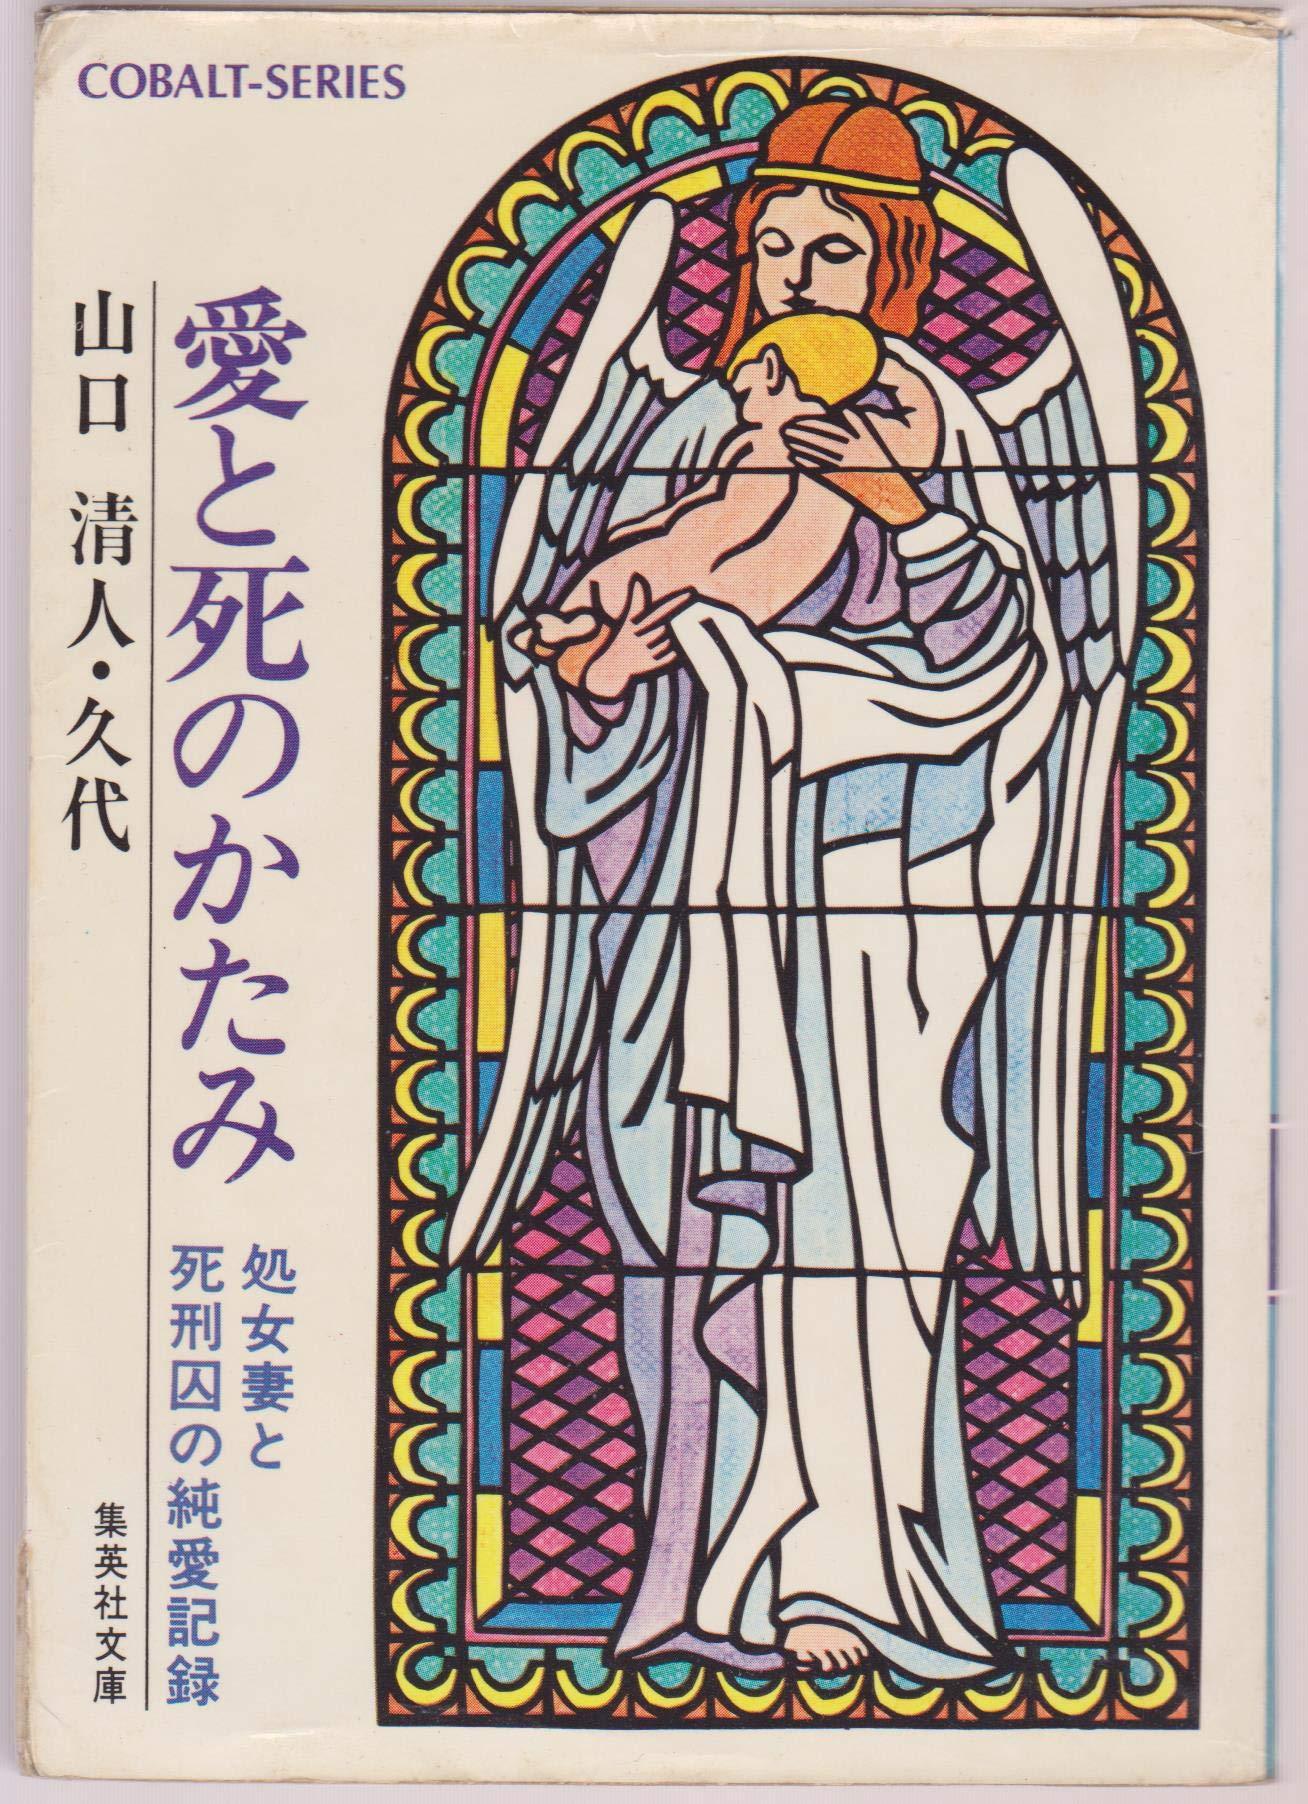 Amazon.co.jp: 愛と死のかたみ―処女妻と死刑囚の純愛記録 (集英社文庫 ...